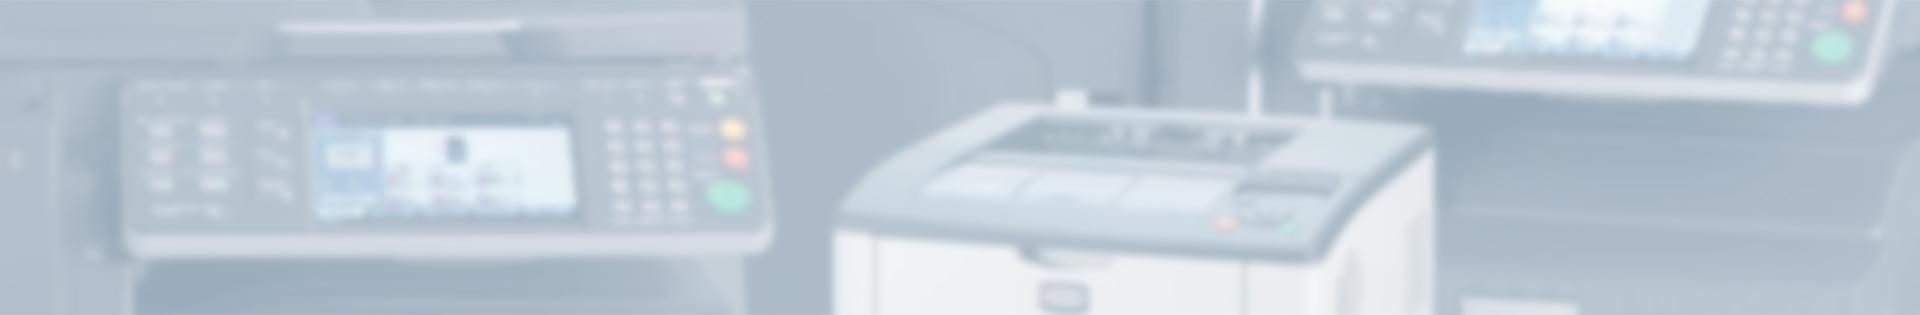 מותג חדש מכונות צילום ופתרונות הדפסה נוספים לעסק מבית יזמקו מיכון משרדי DV-52